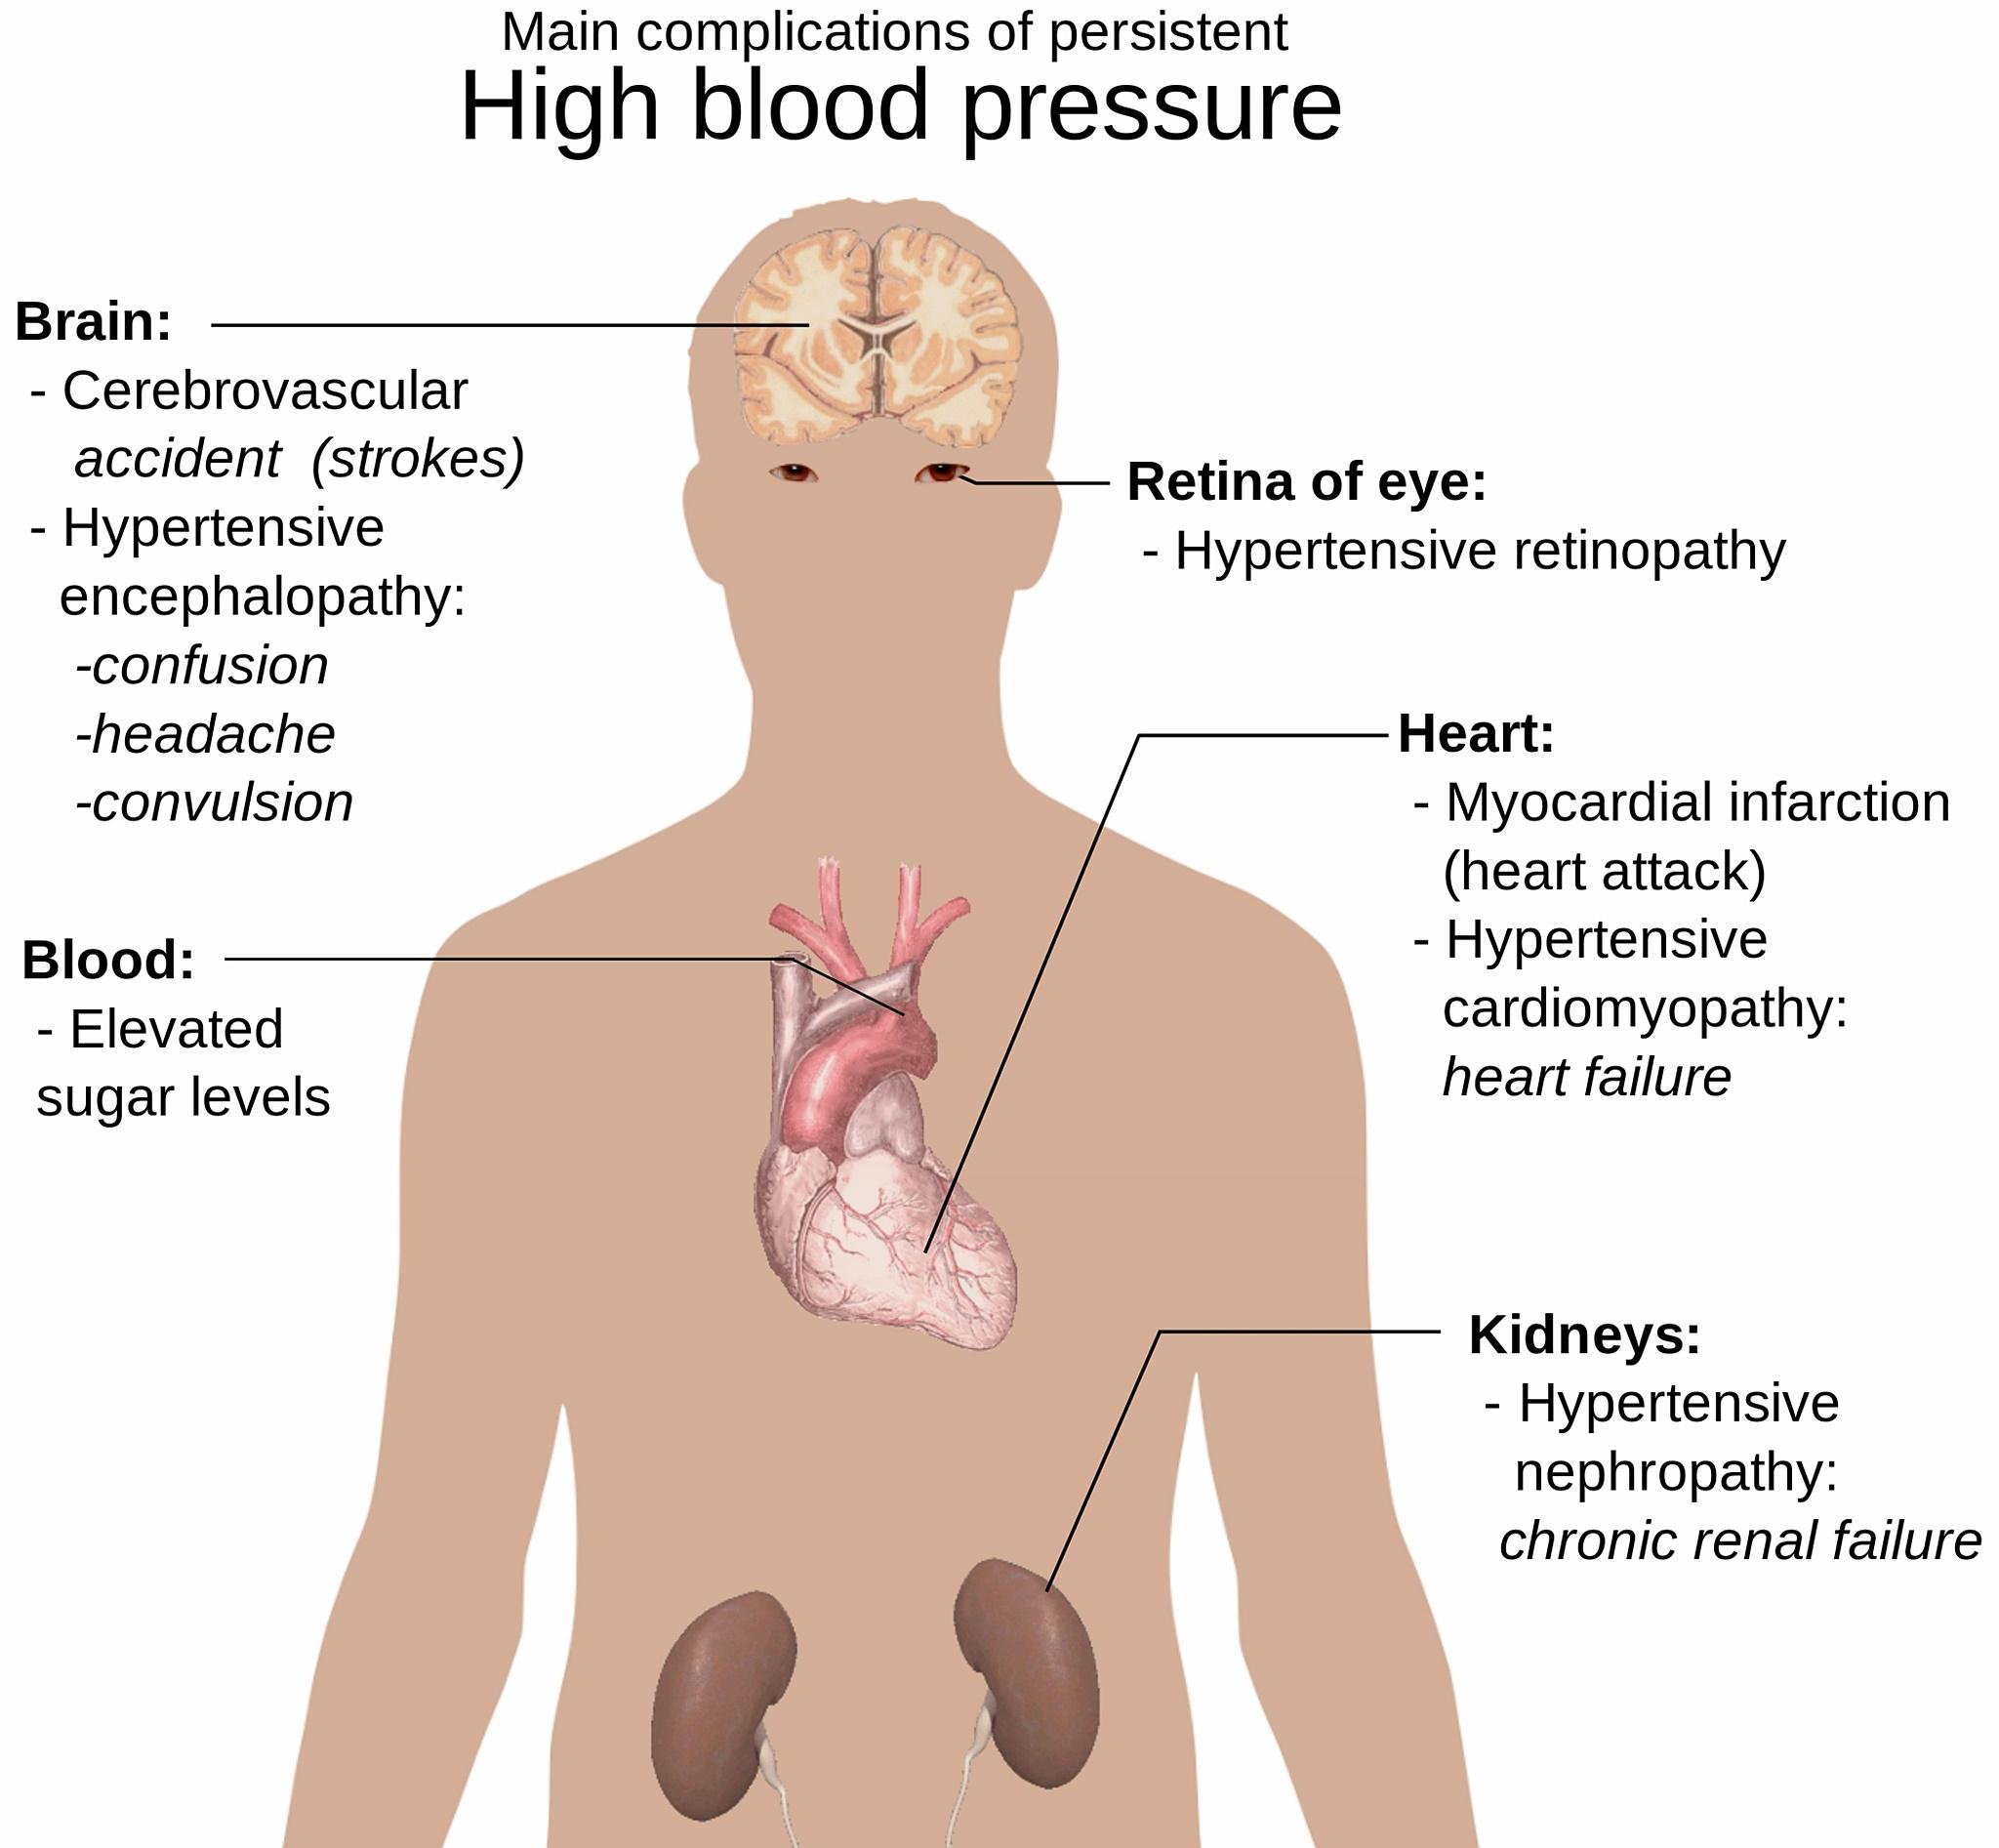 kokį geriausia gerti raudoną vyną širdies sveikatai hipertenzija ir hipotenzija, kuri yra blogesnė